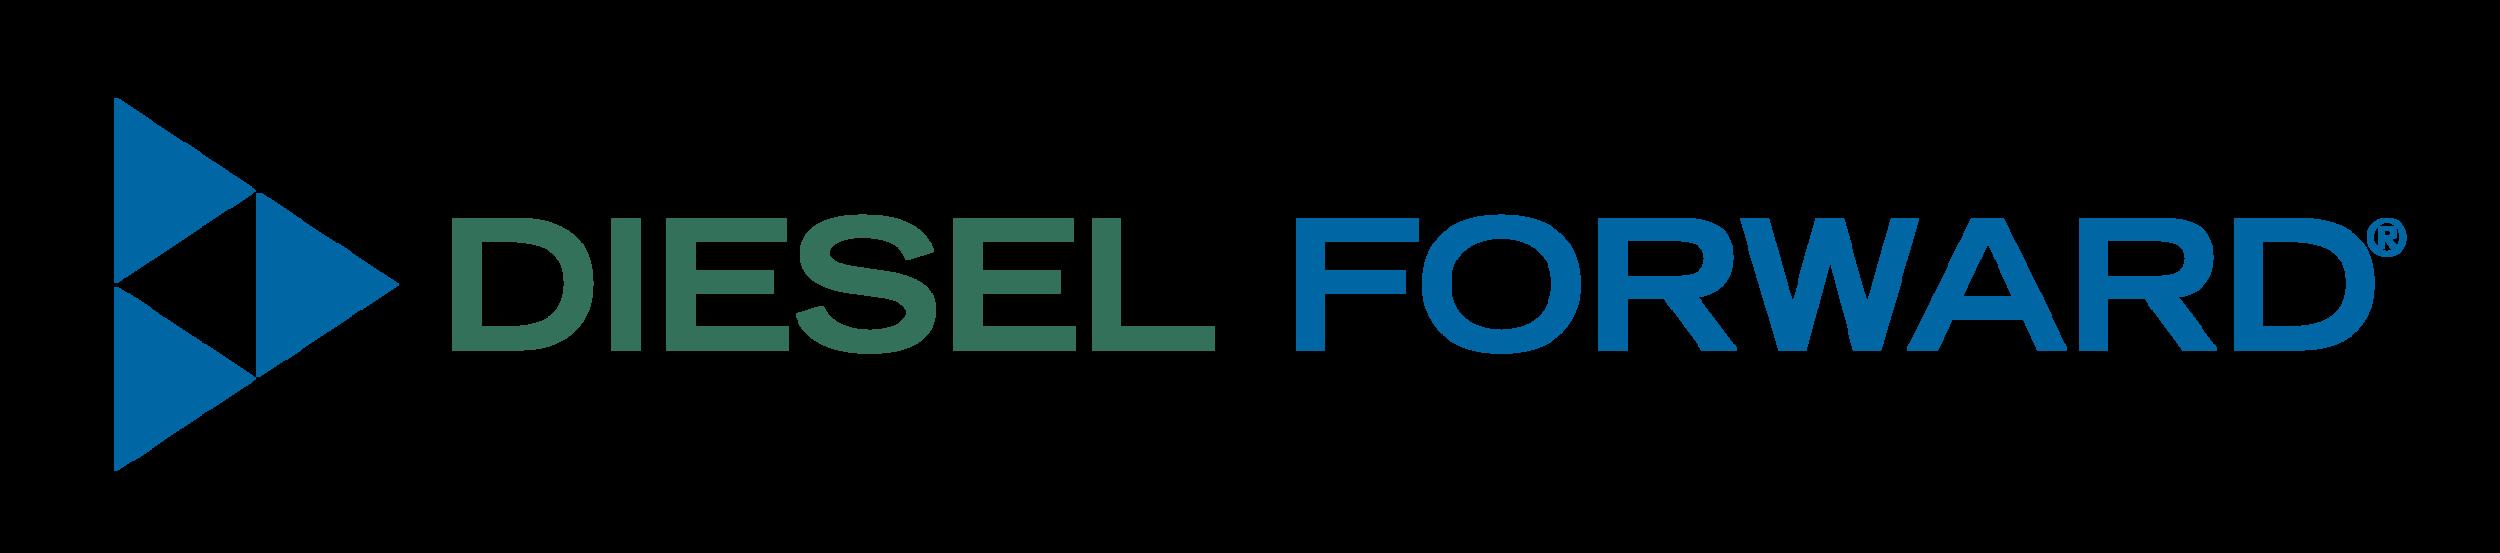 DF_Horizontal_Logo-01.png